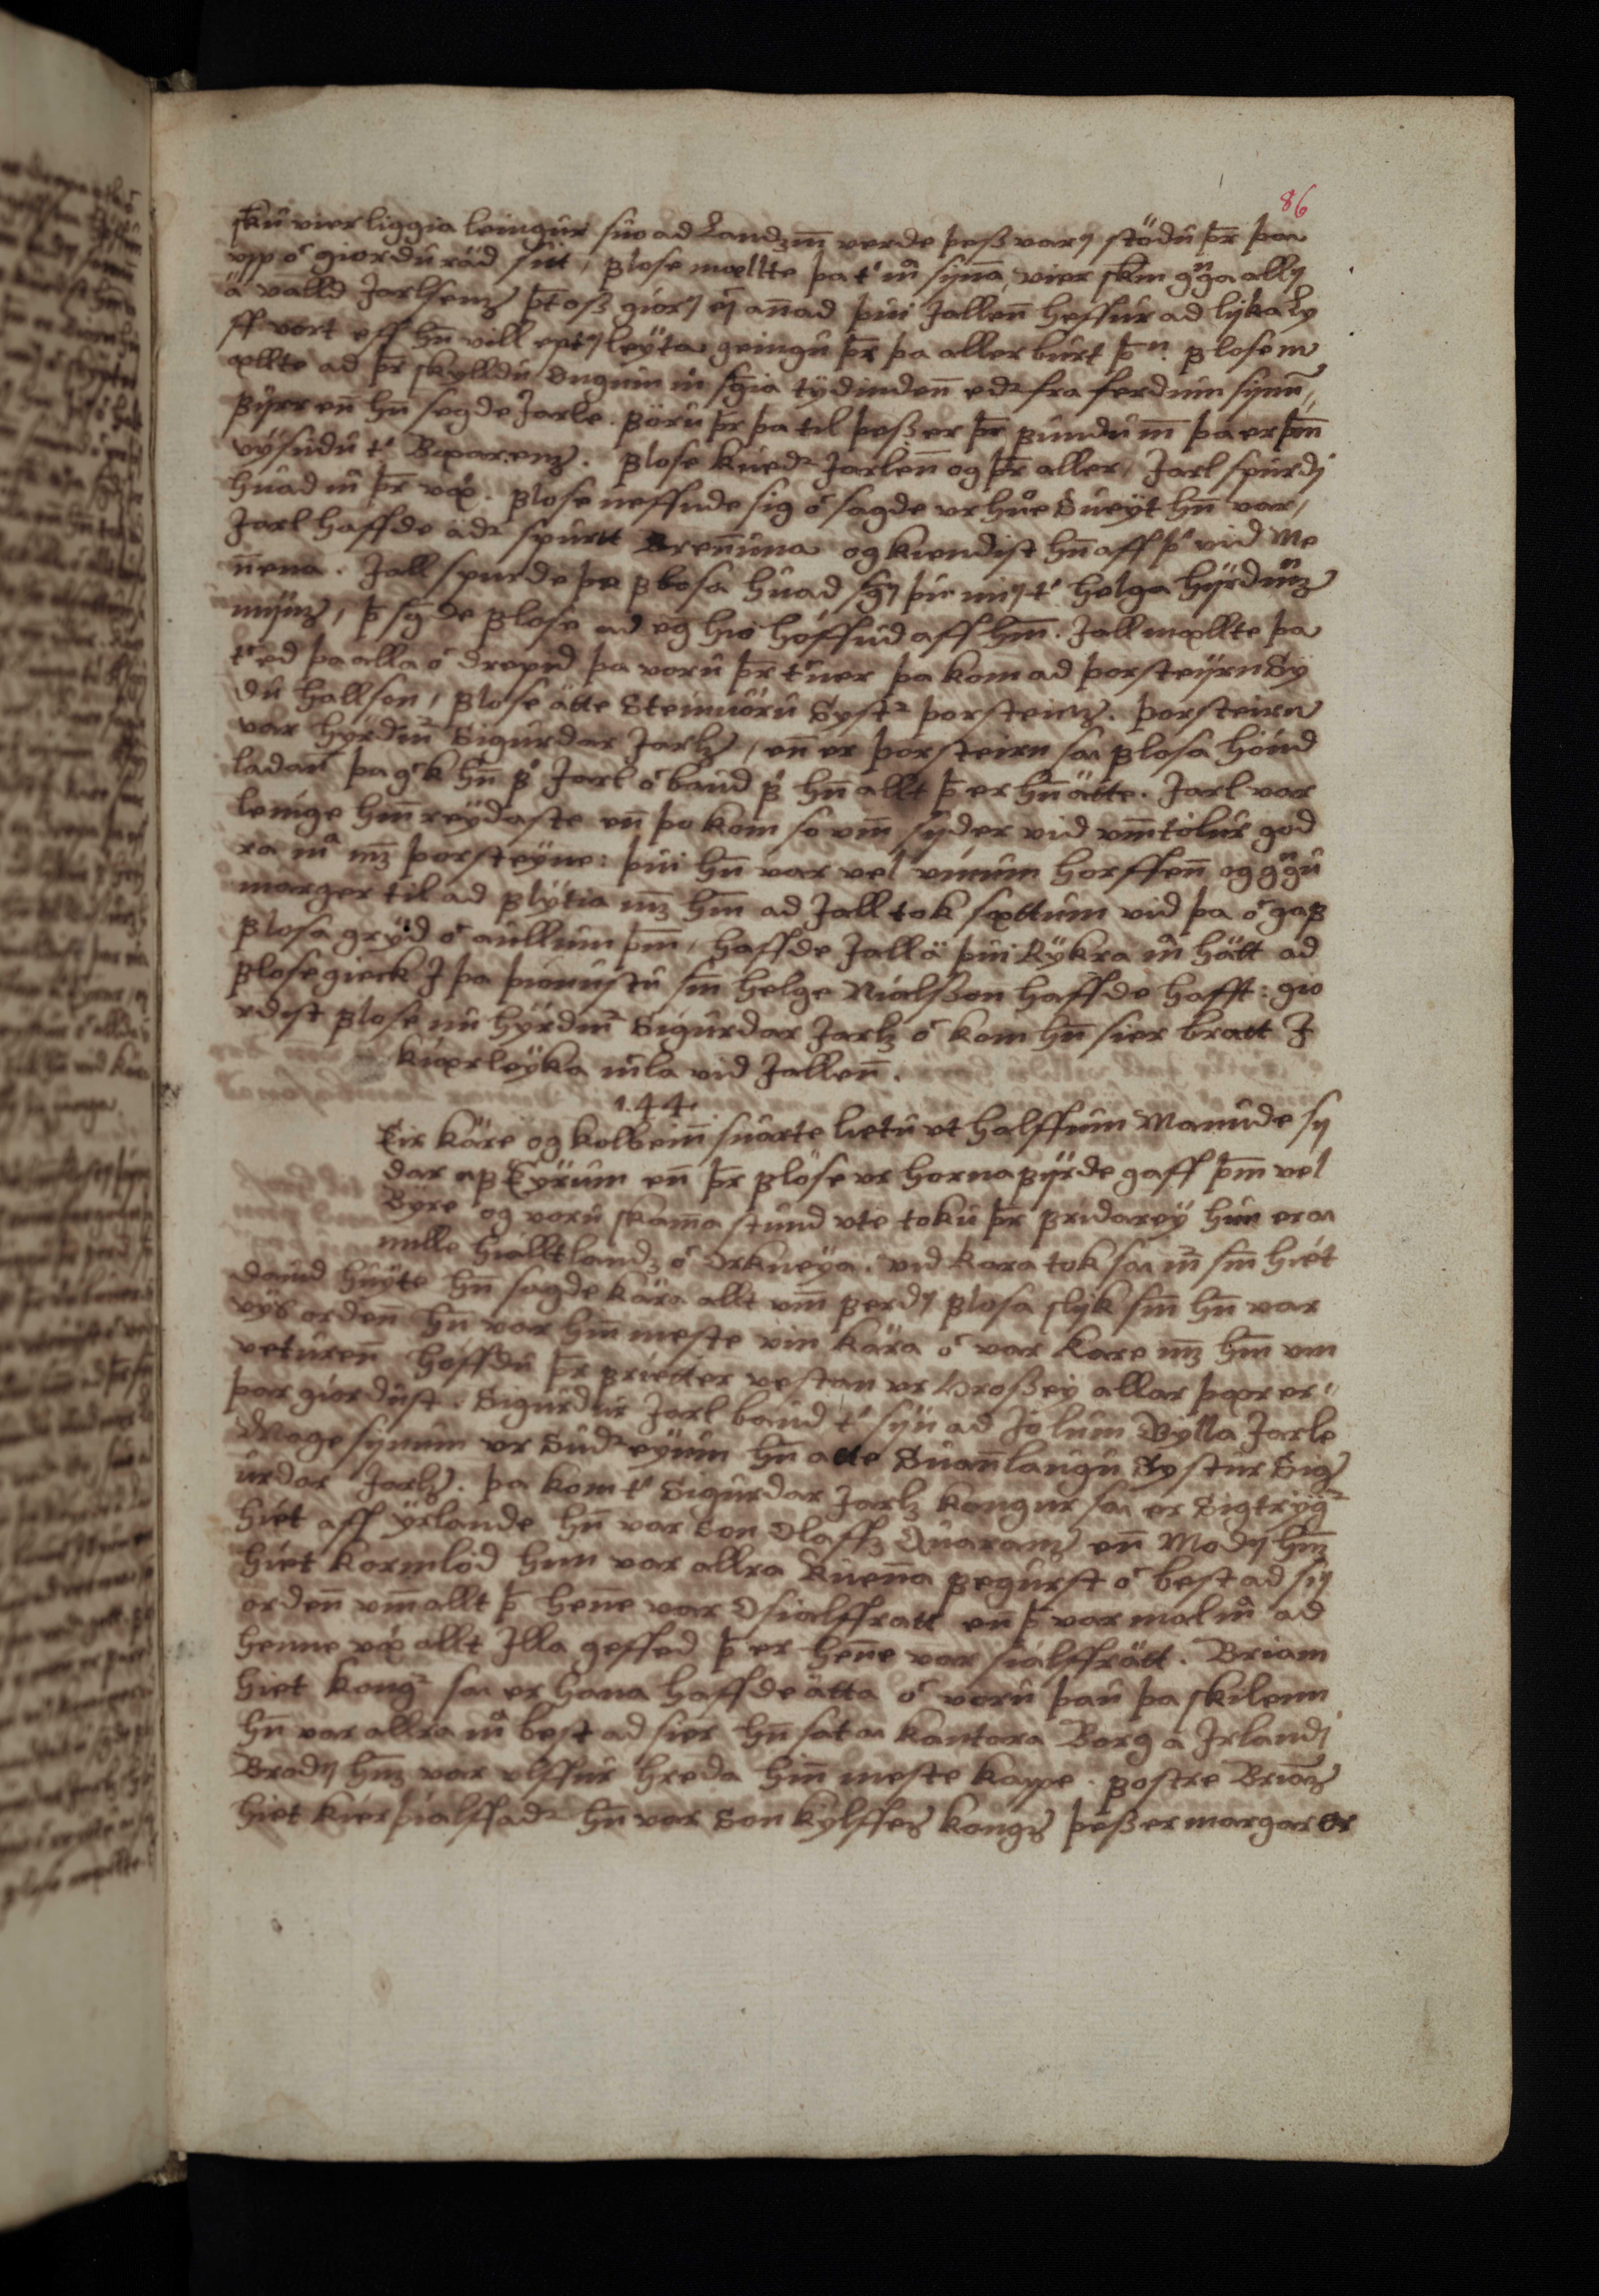 AM 136 fol - 86r